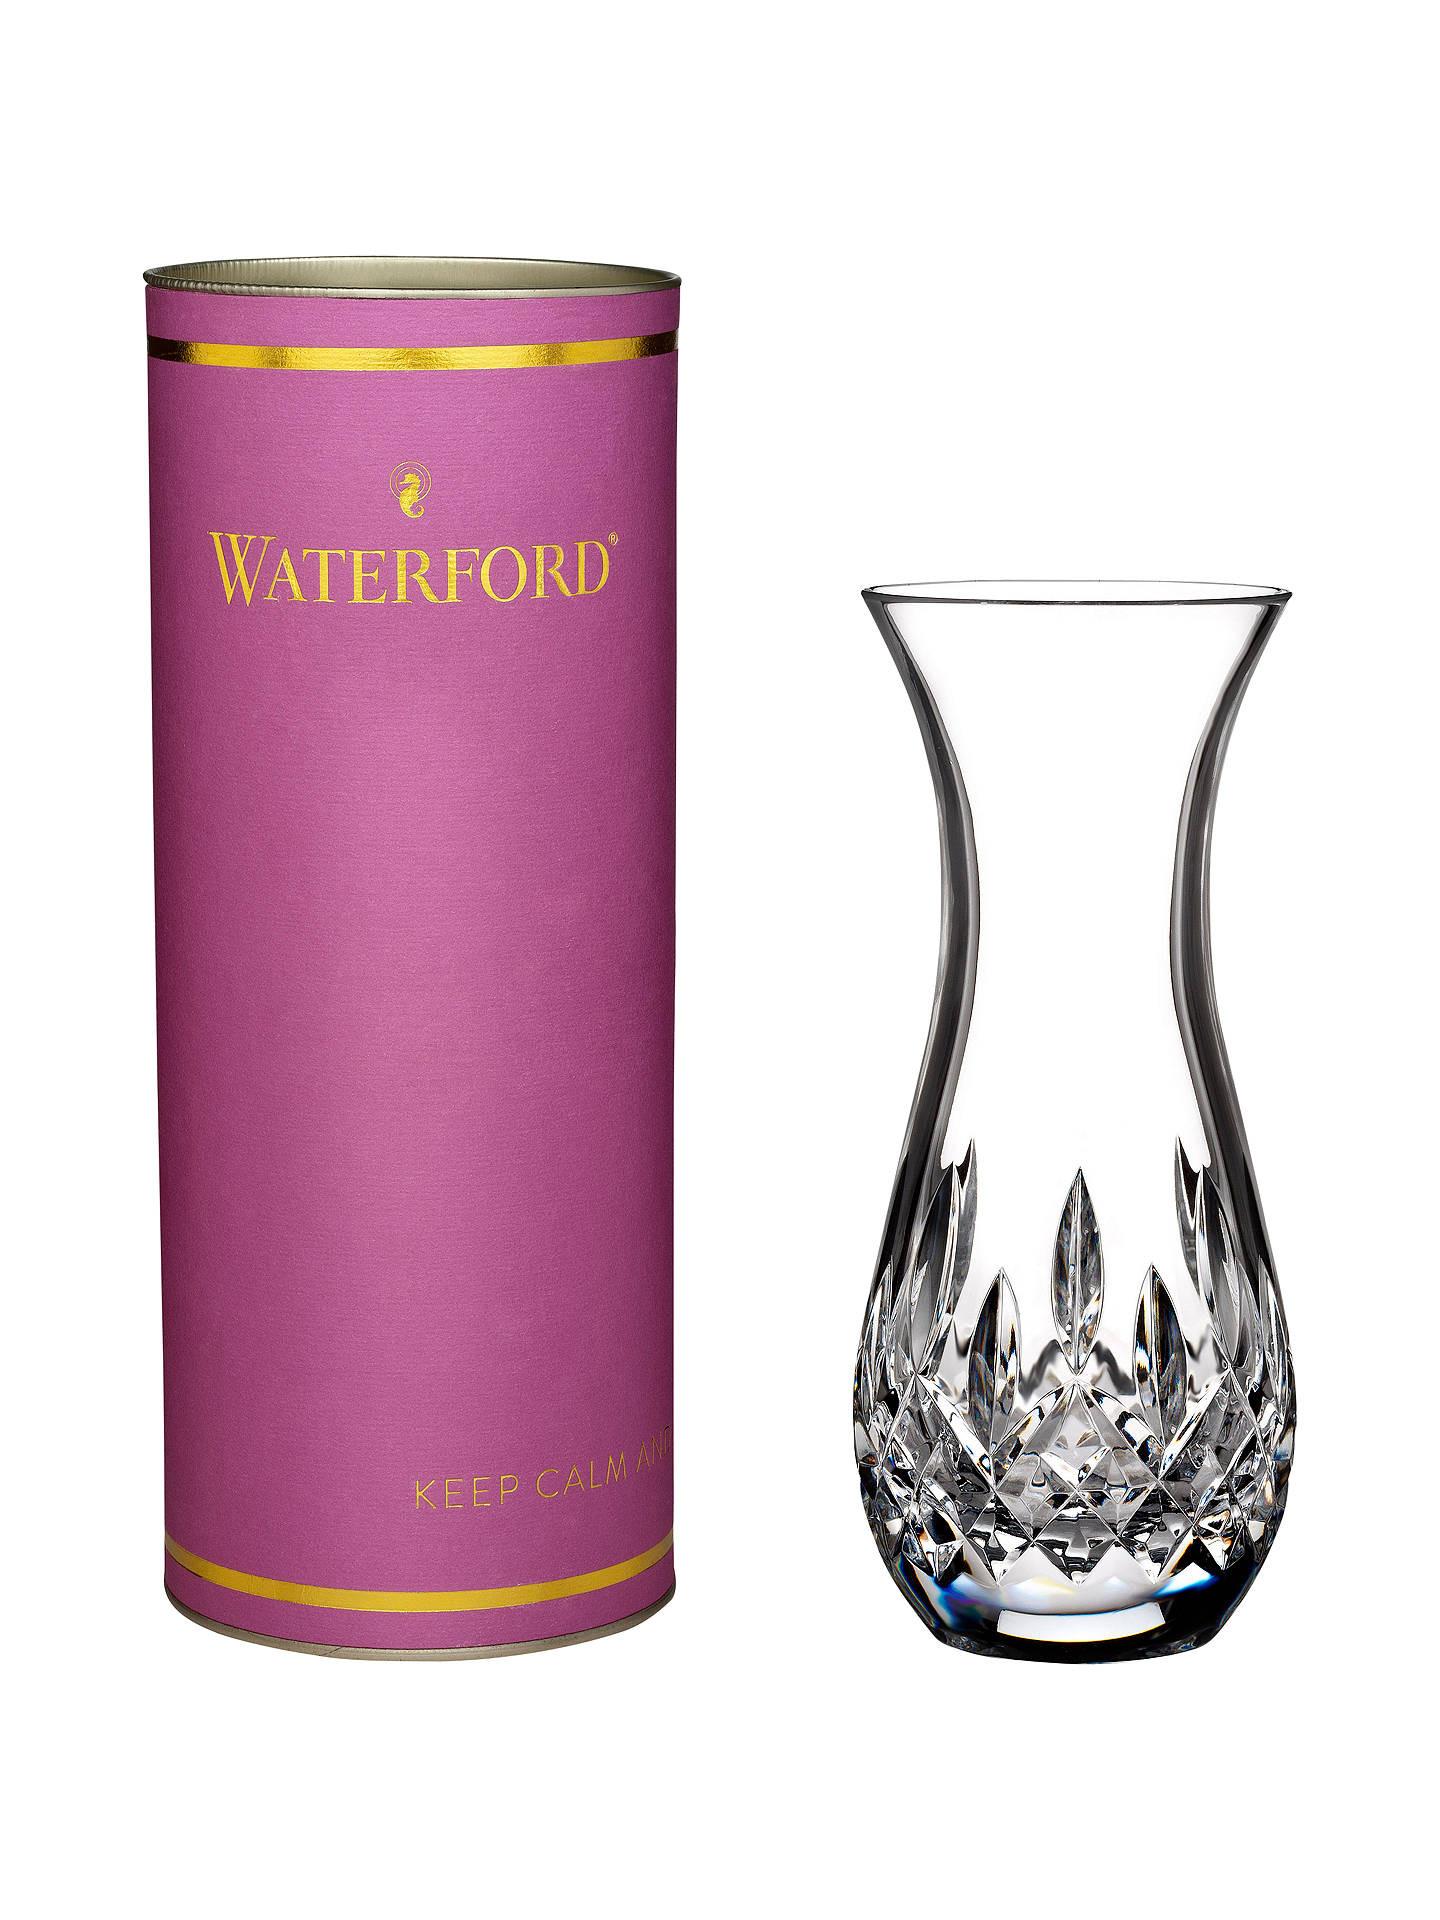 waterford lismore sugar bud vase of waterford giftology lismore sugar bud vase clear at john lewis intended for buywaterford giftology lismore sugar bud vase clear online at johnlewis com